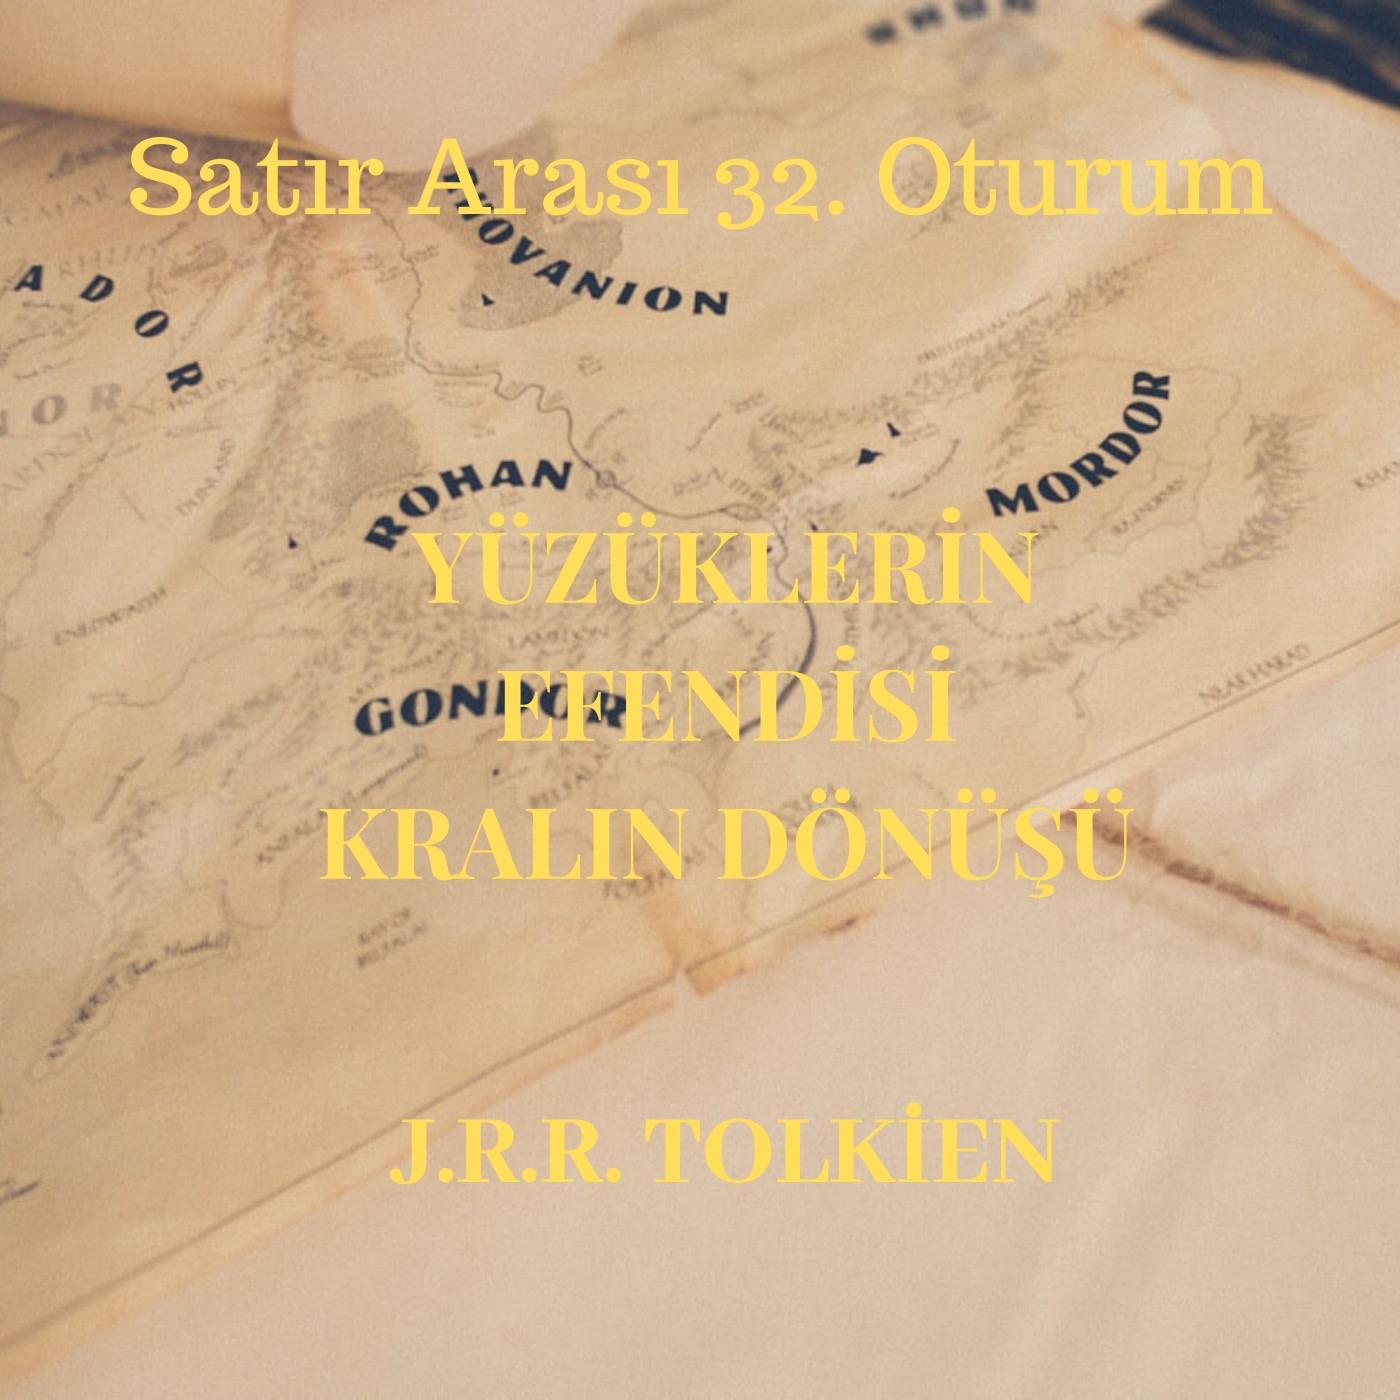 #32 Yüzüklerin Efendisi - Kralın Dönüşü - J.R.R. Tolkien